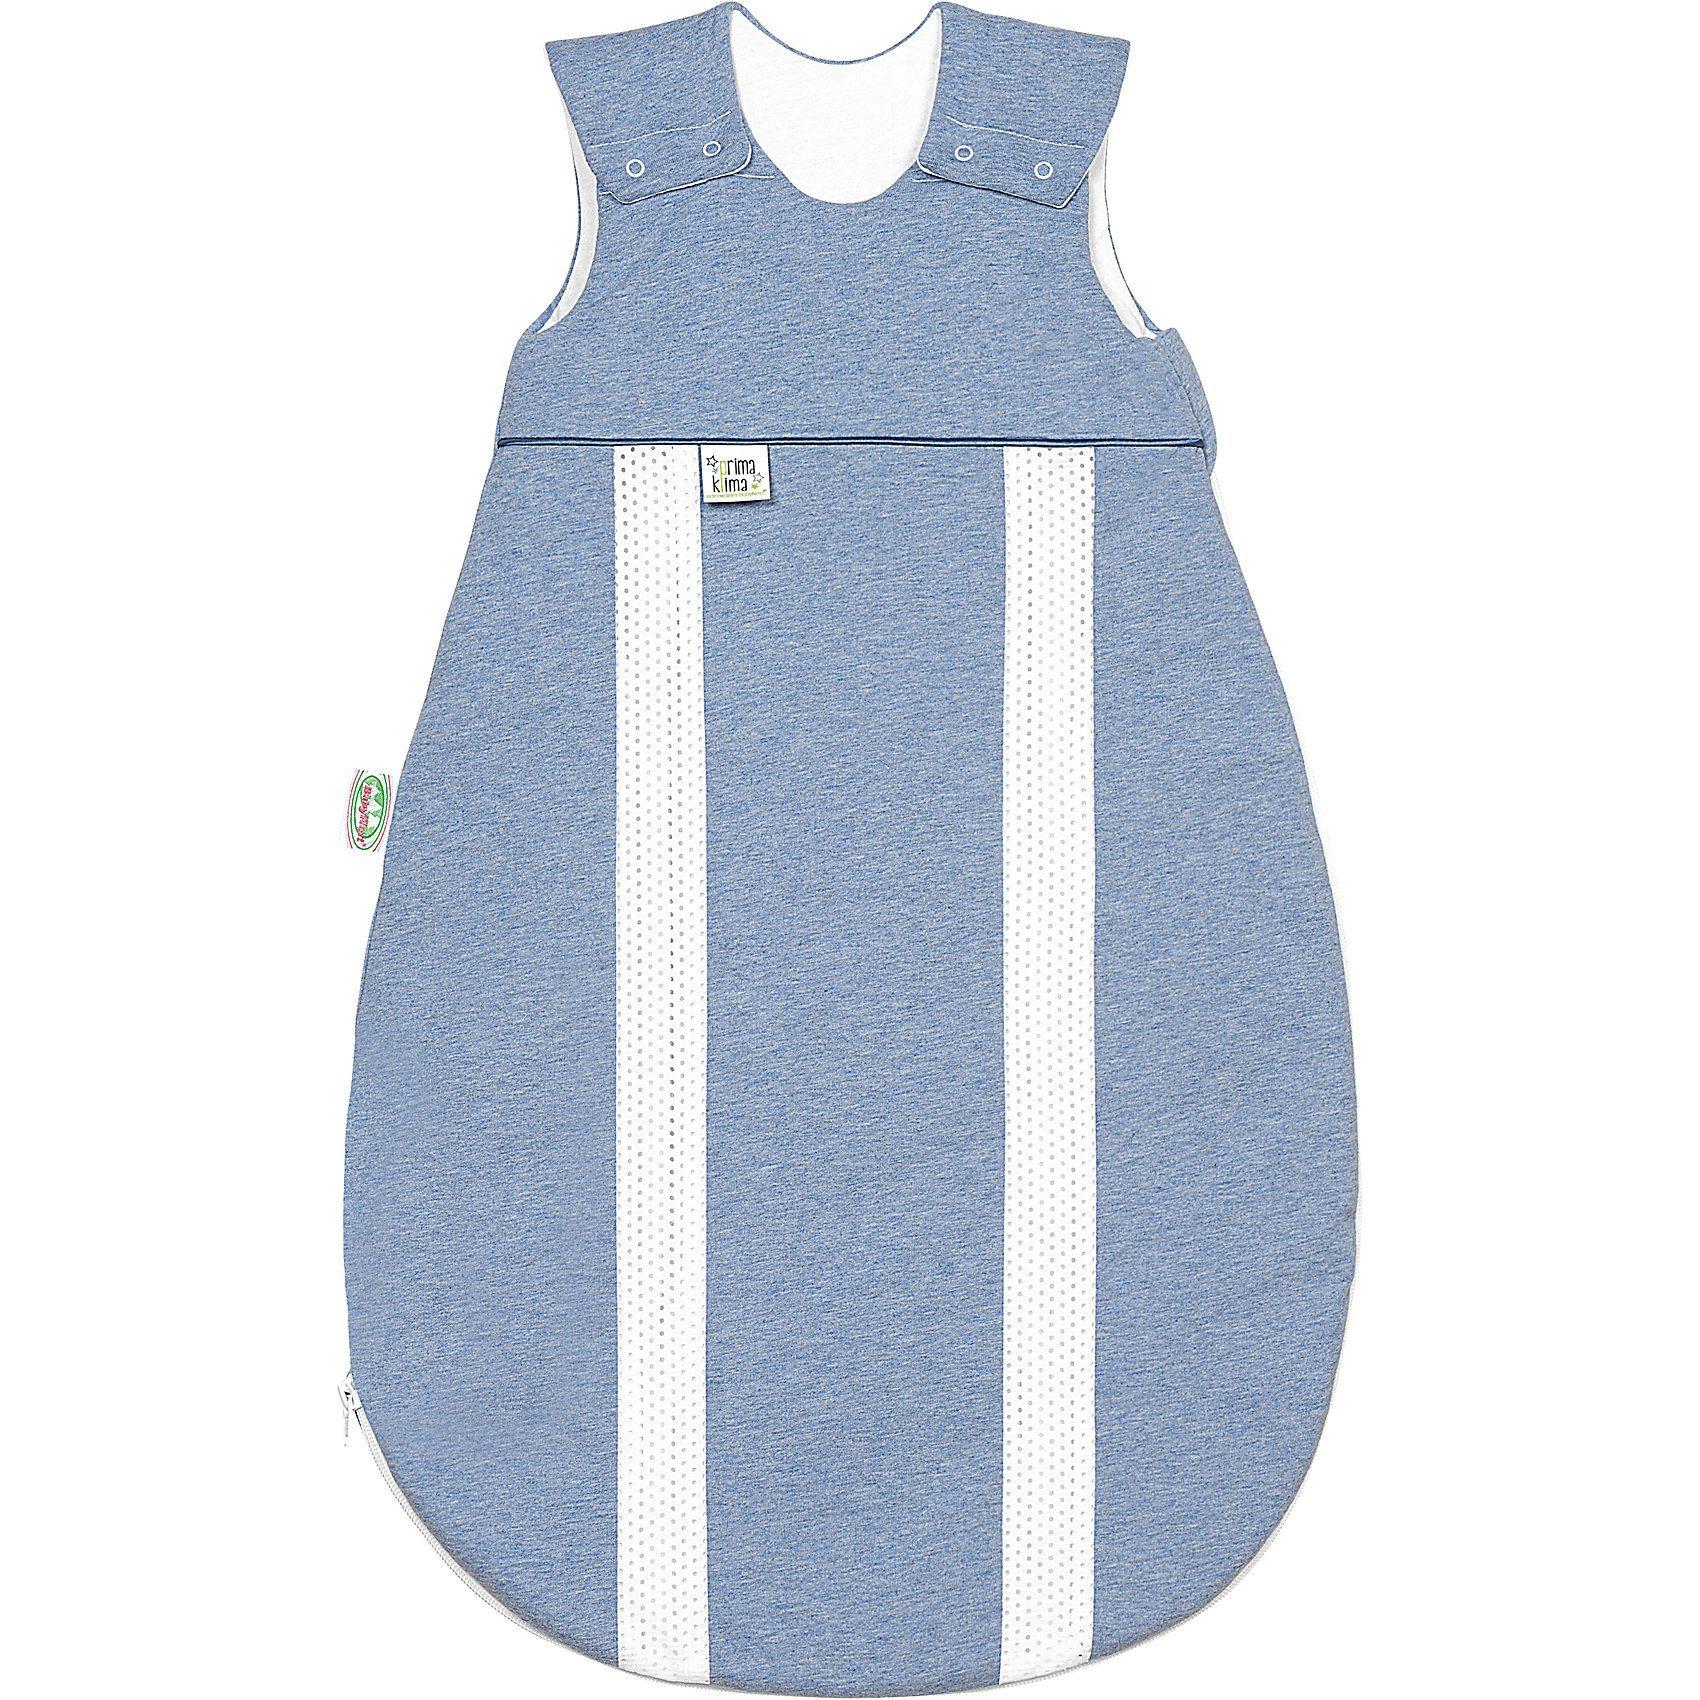 Odenwälder Schlafsack primaklima, Jersey, melange bleu, 130 cm | Baumarkt | Baumwolle - Polyester | Odenwälder